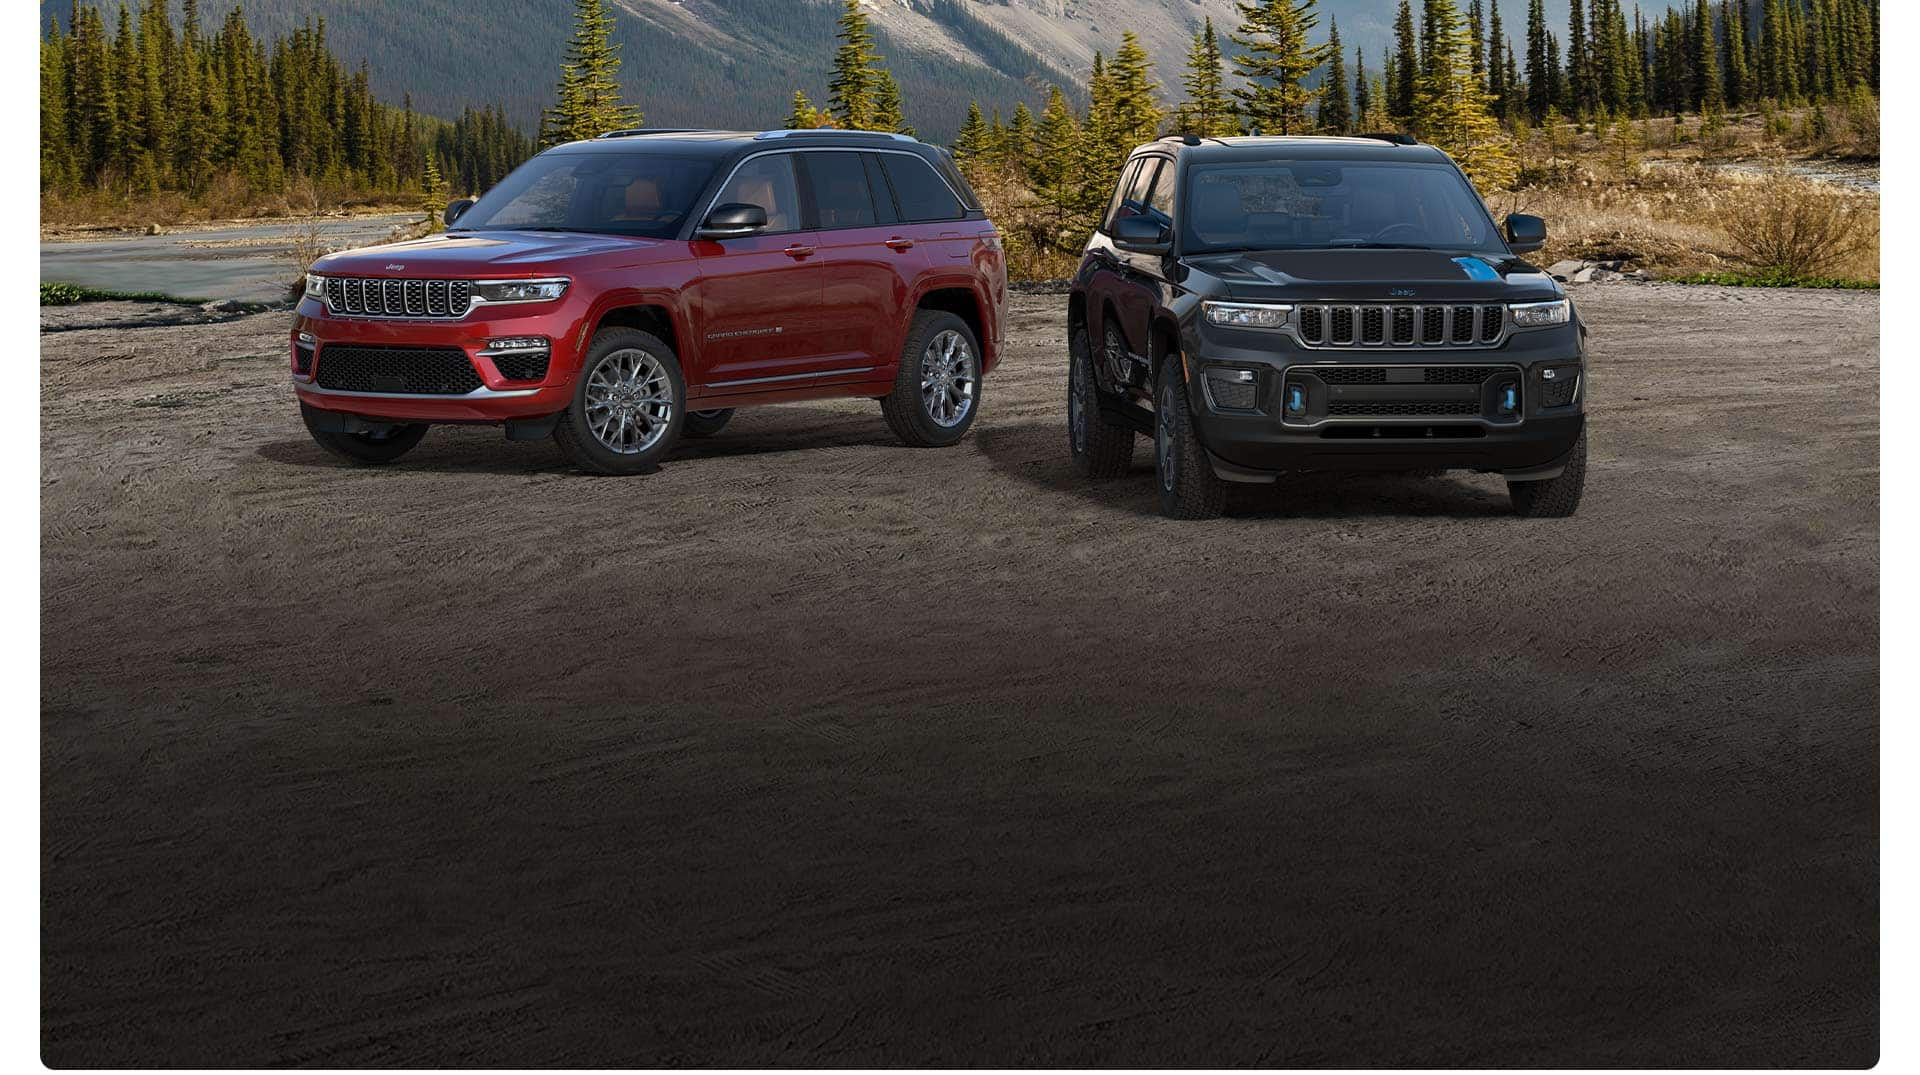 Un Jeep Grand Cherokee Summit y un Grand Cherokee Trailhawk 4xe 2022 estacionados en un valle arenoso con montañas de fondo.